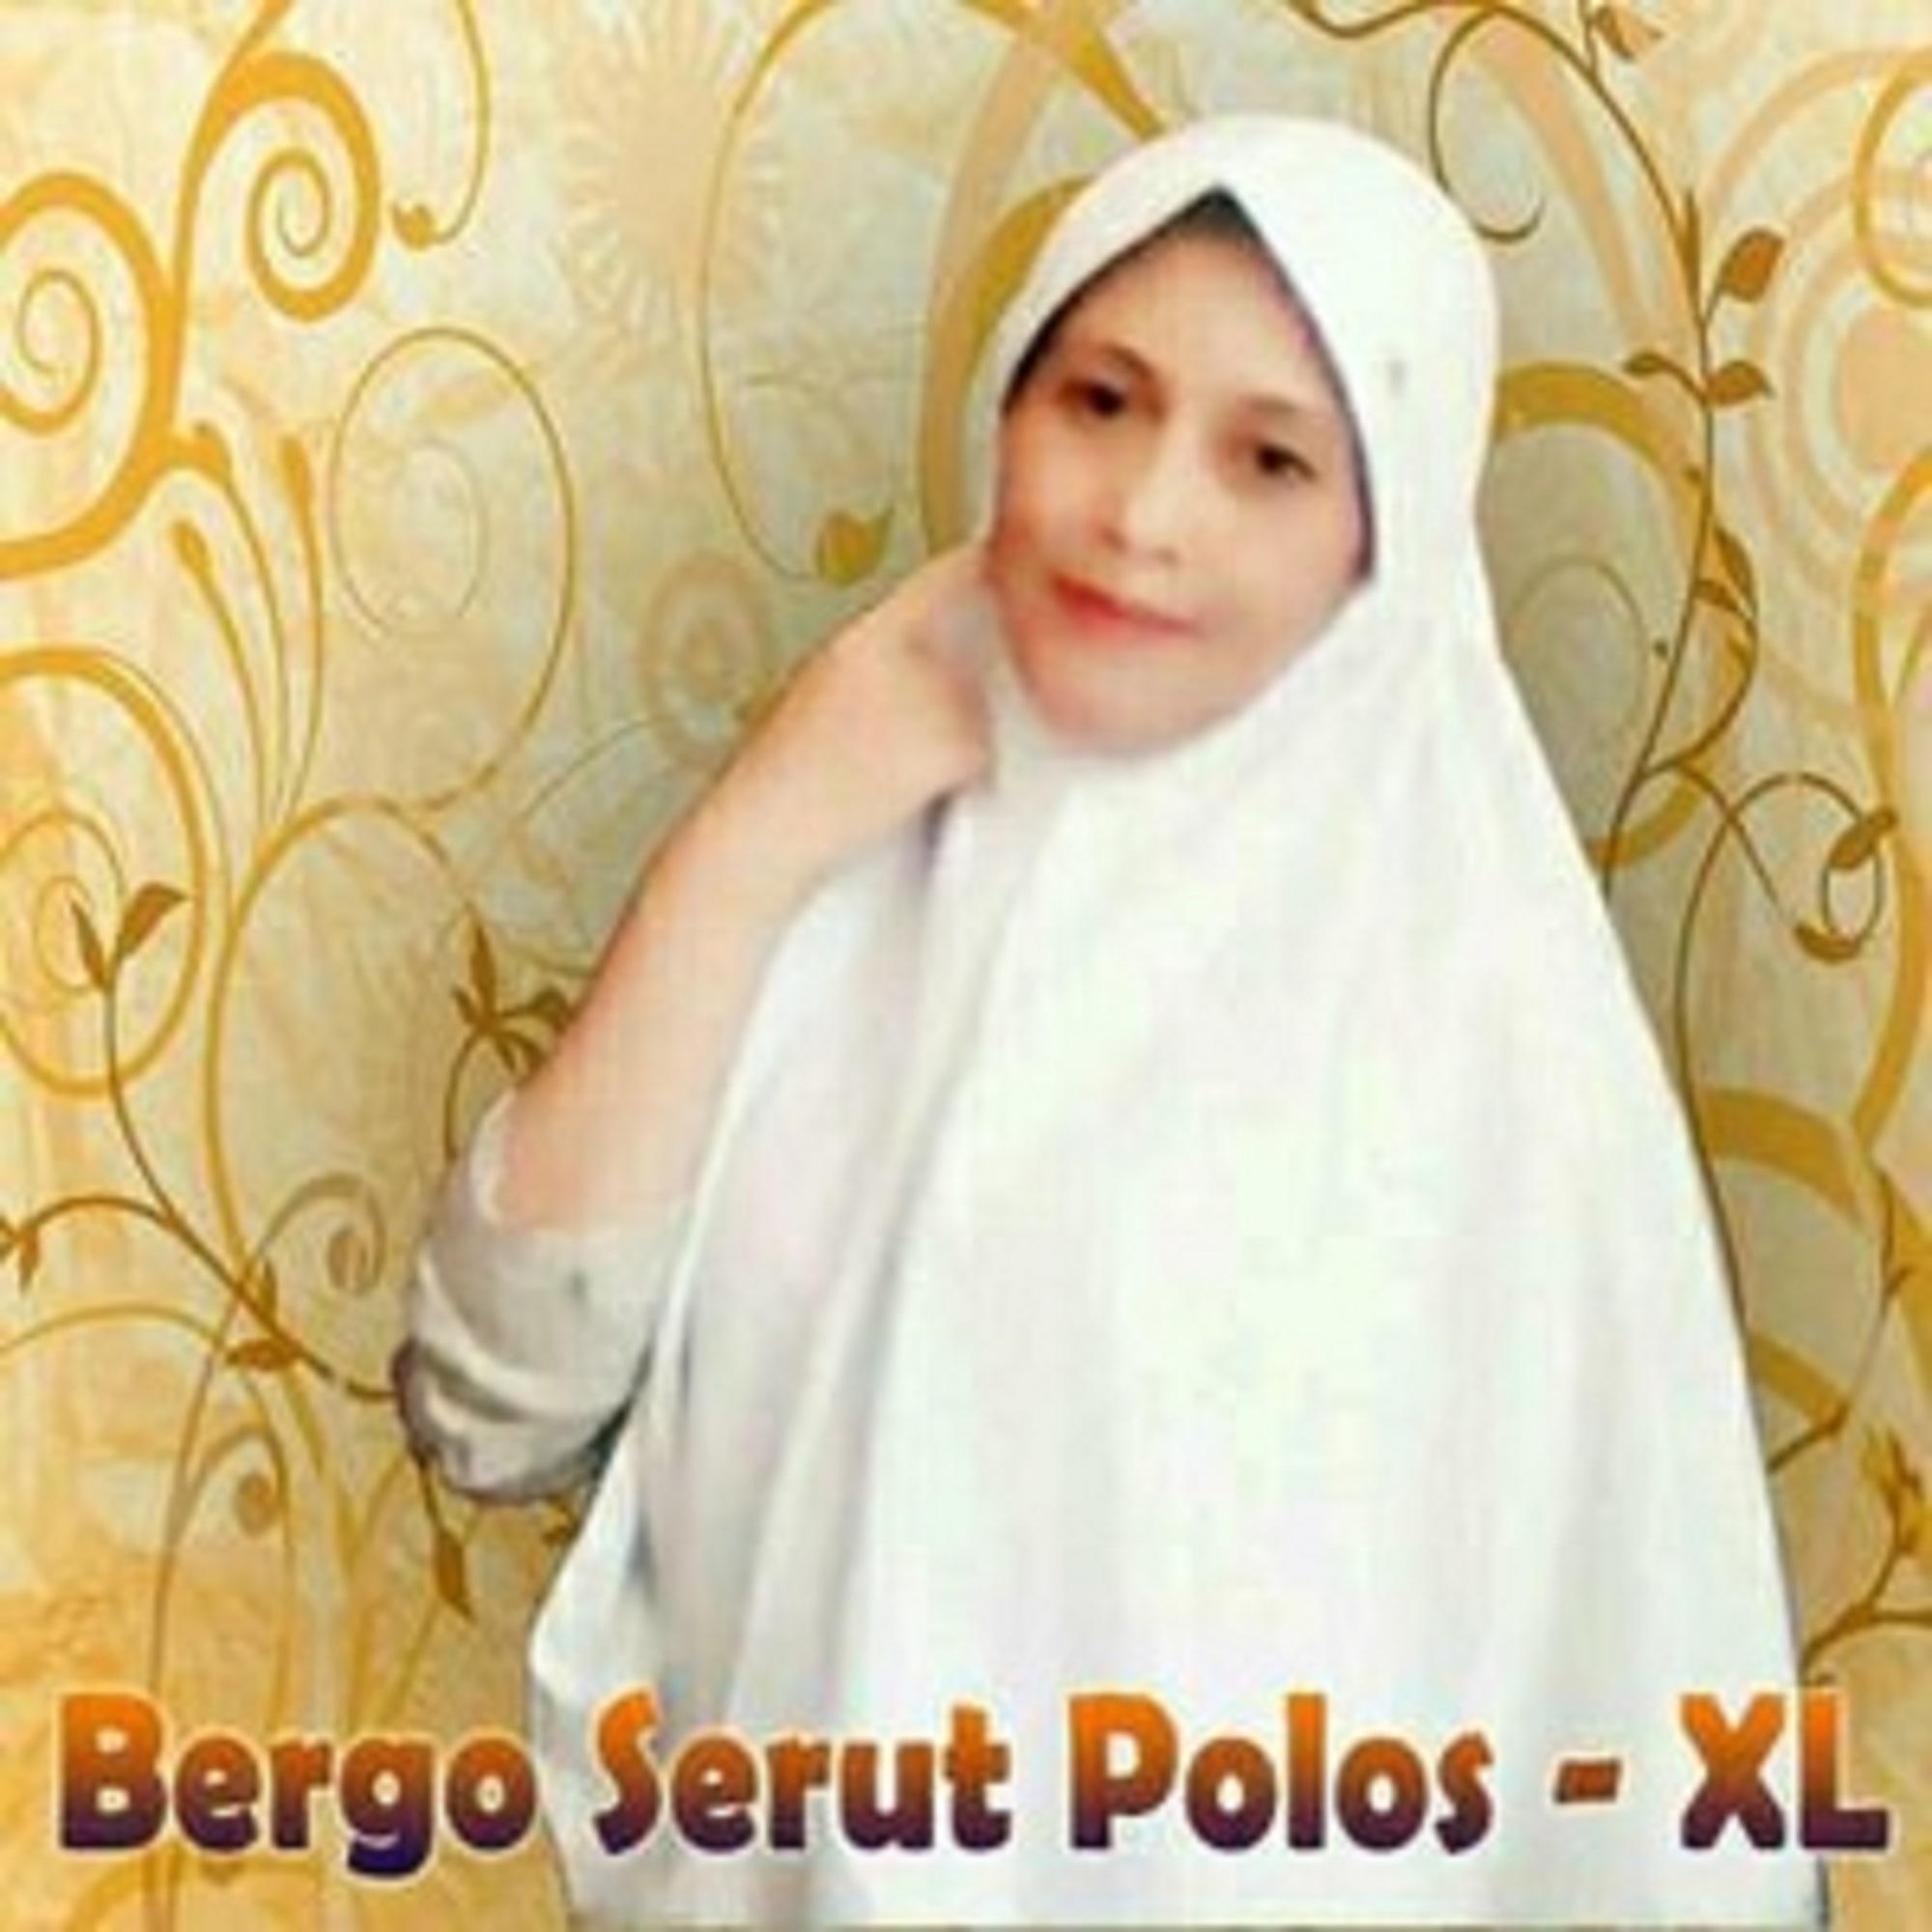 Kerudung Jilbab Instan Bergo Serut Polos Anak Sekolah SMP SMA